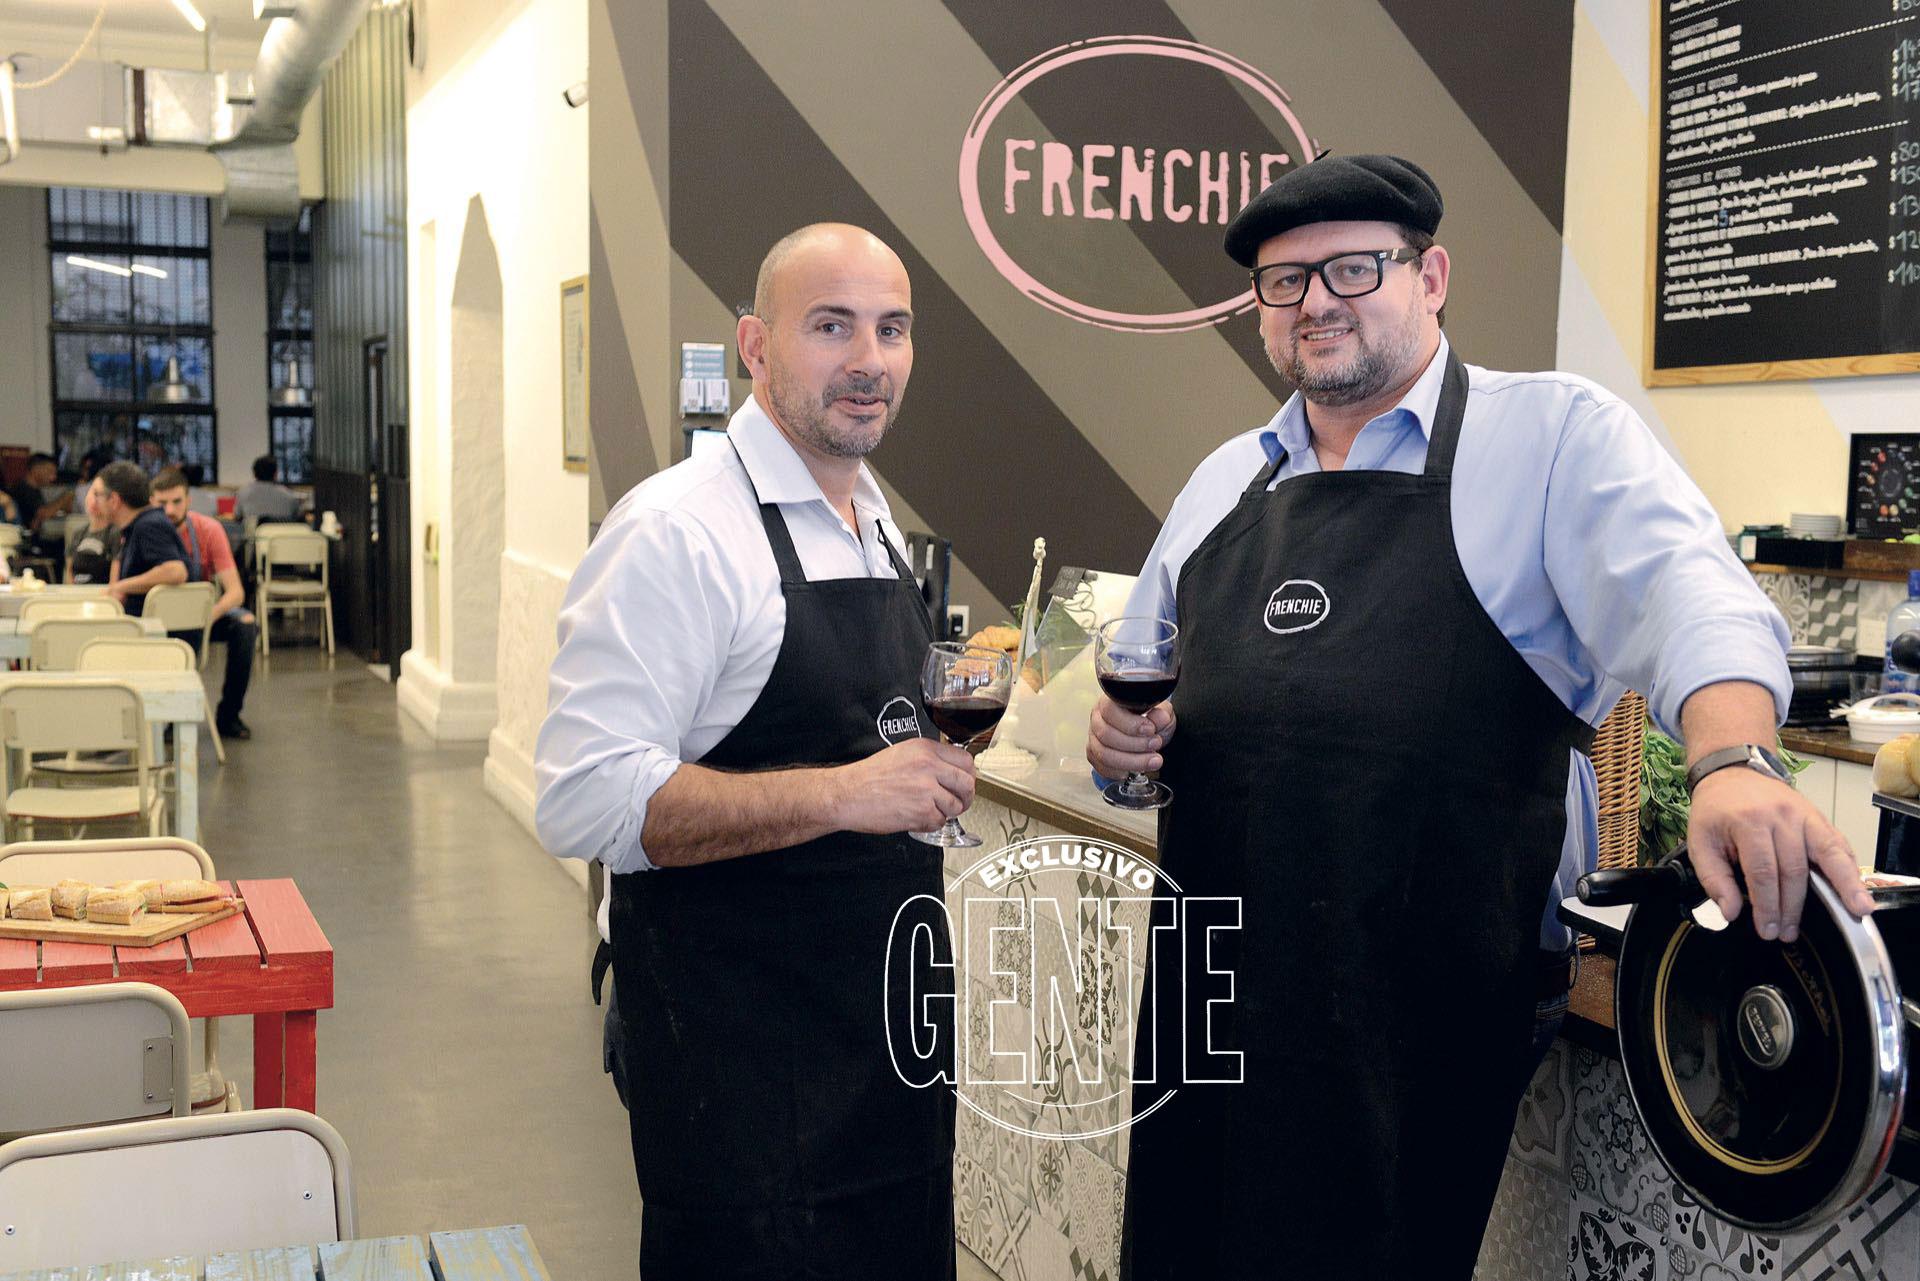 El chef Christophe junto a su amigo Jérôme Mathe en Frenchie (Foto Maximiliano Vernazza/GENTE)